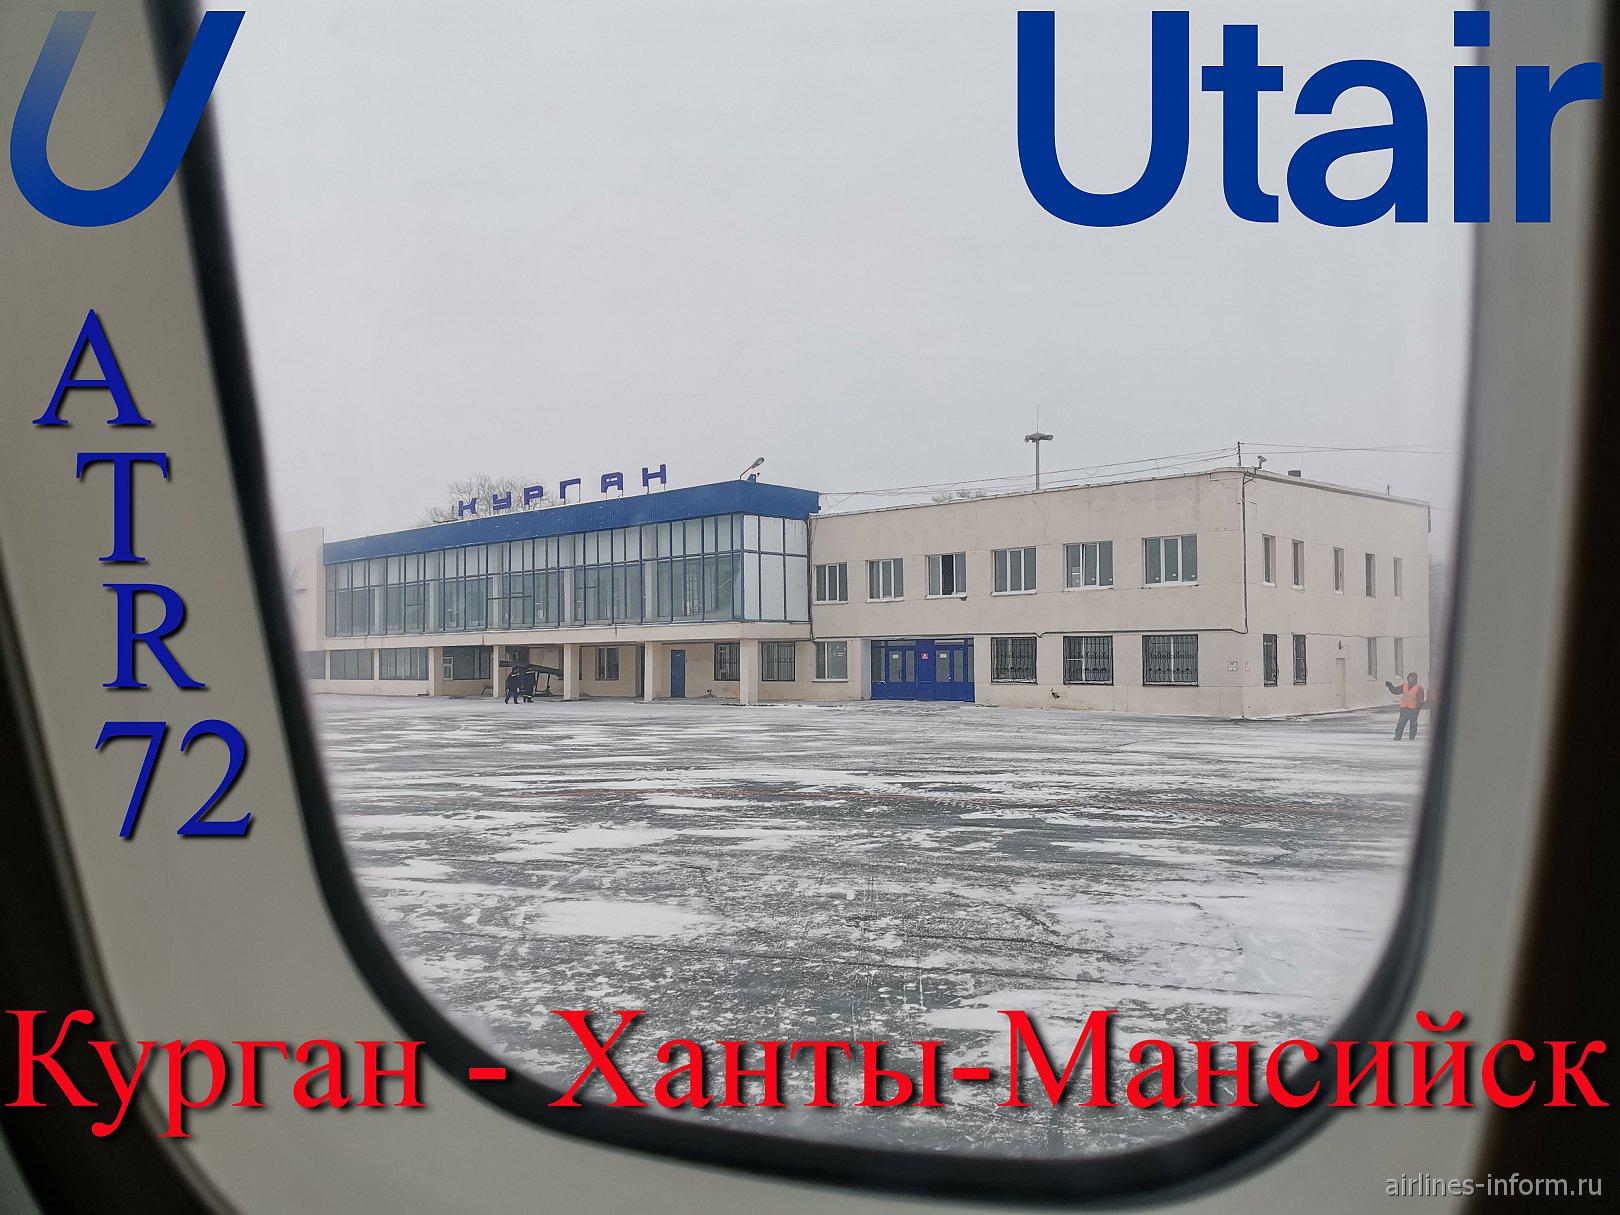 Ютэйр: Курган - Ханты-Мансийск. Первый рейс